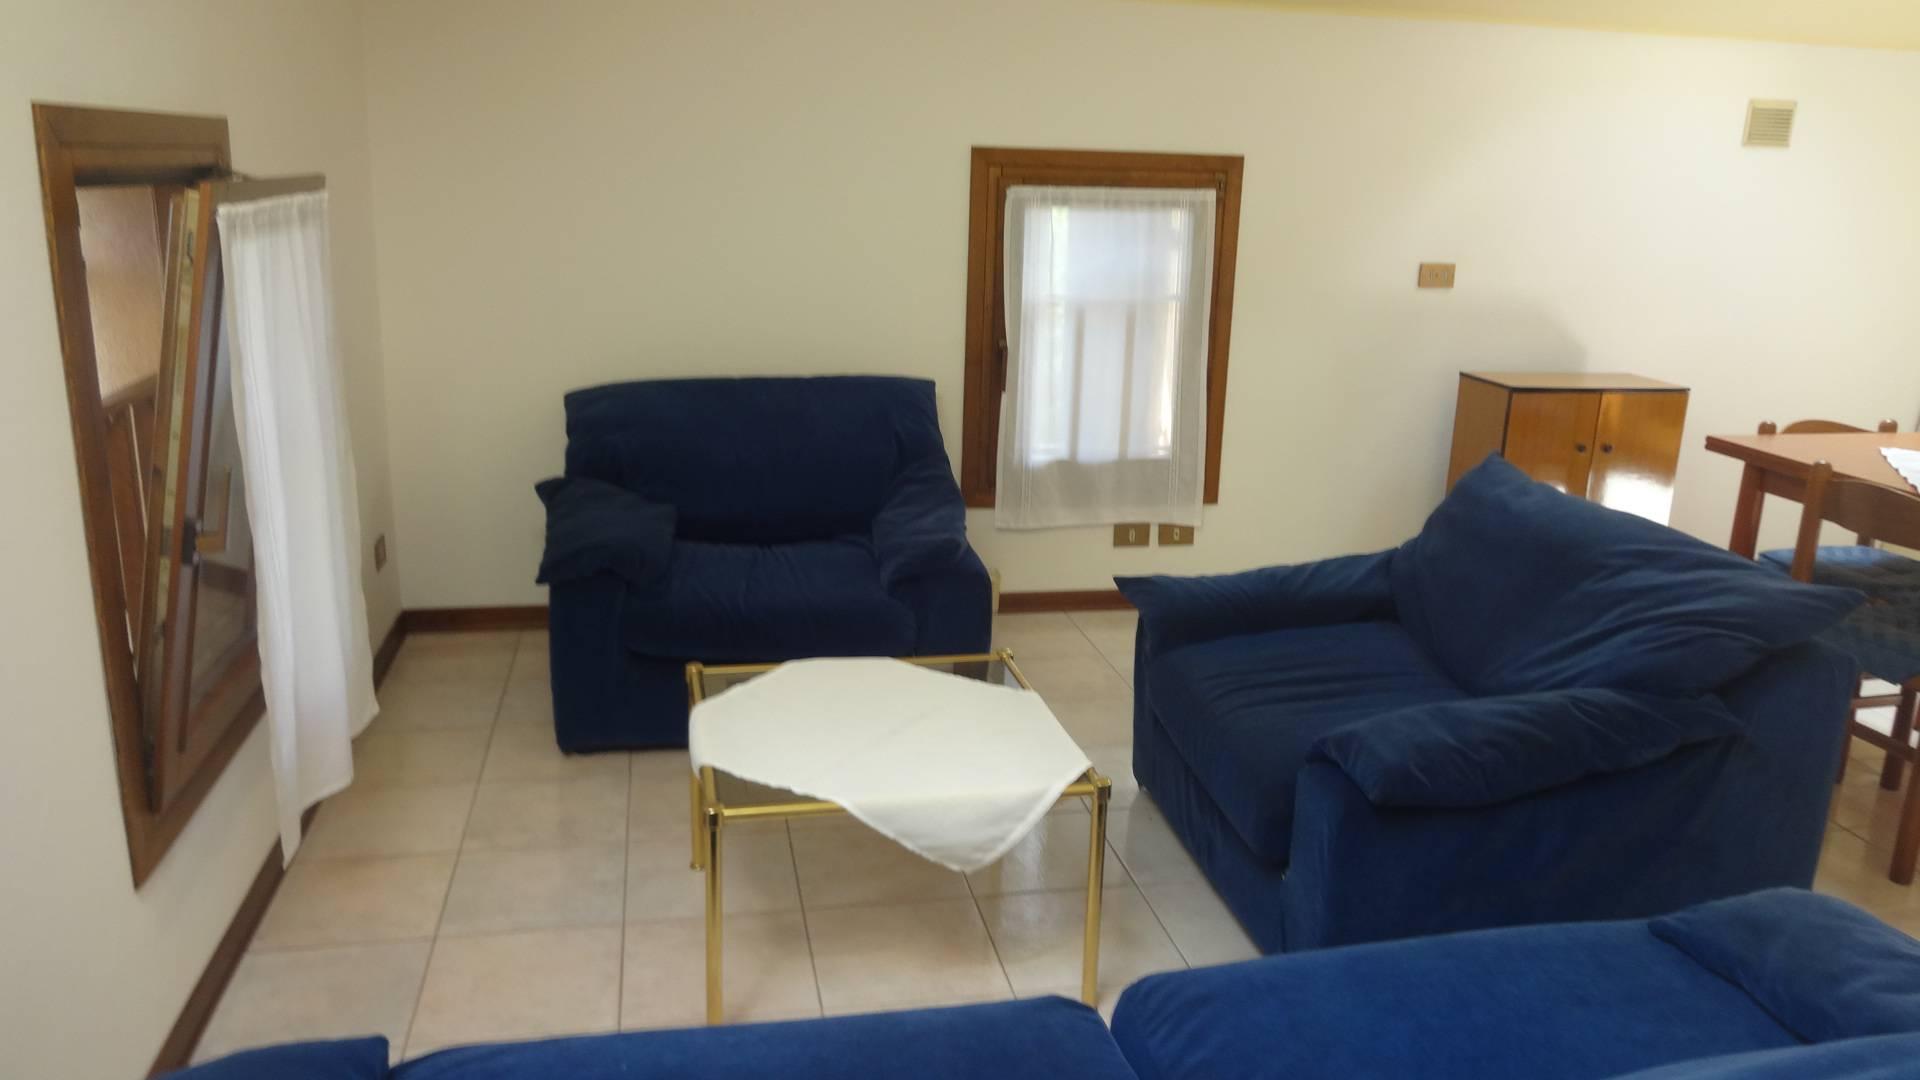 Appartamento in affitto a Montebelluna, 3 locali, zona Zona: Guarda, prezzo € 430 | Cambio Casa.it